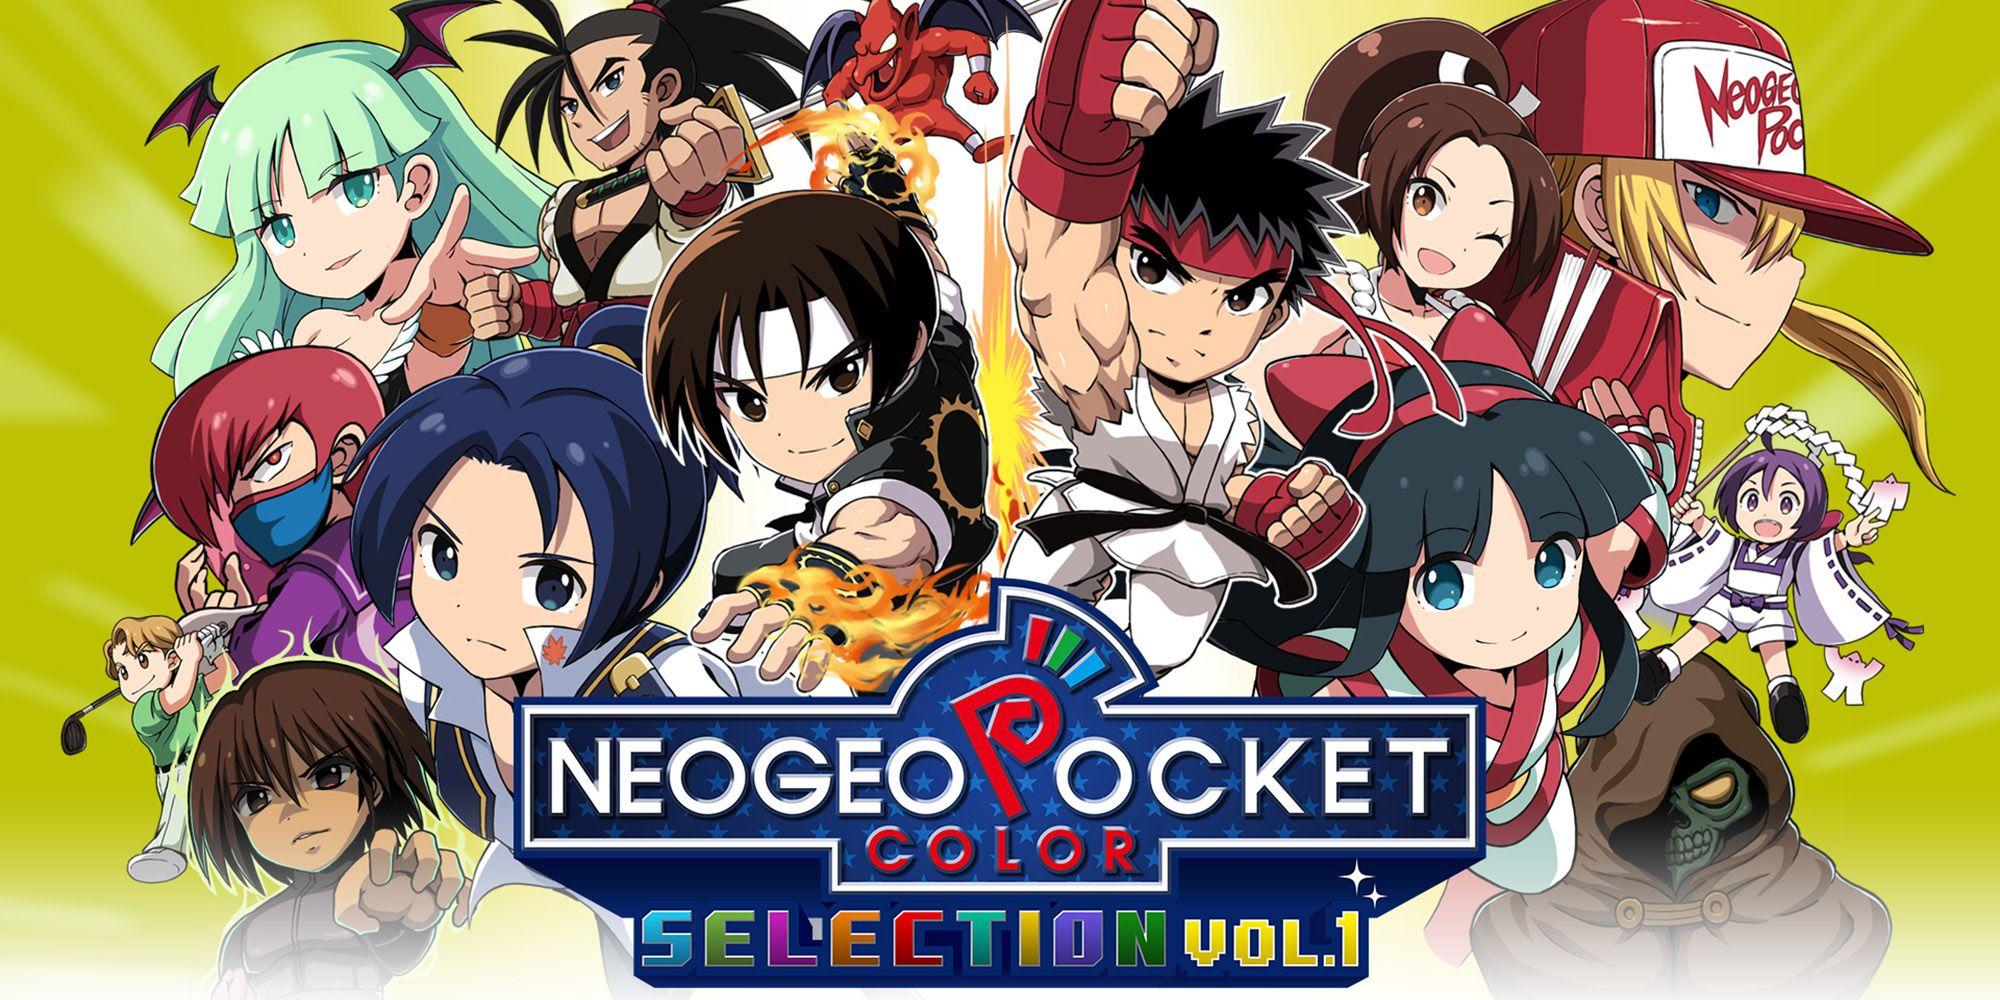 Neo Geo Pocket Color Selection Vol. 1 — обзор